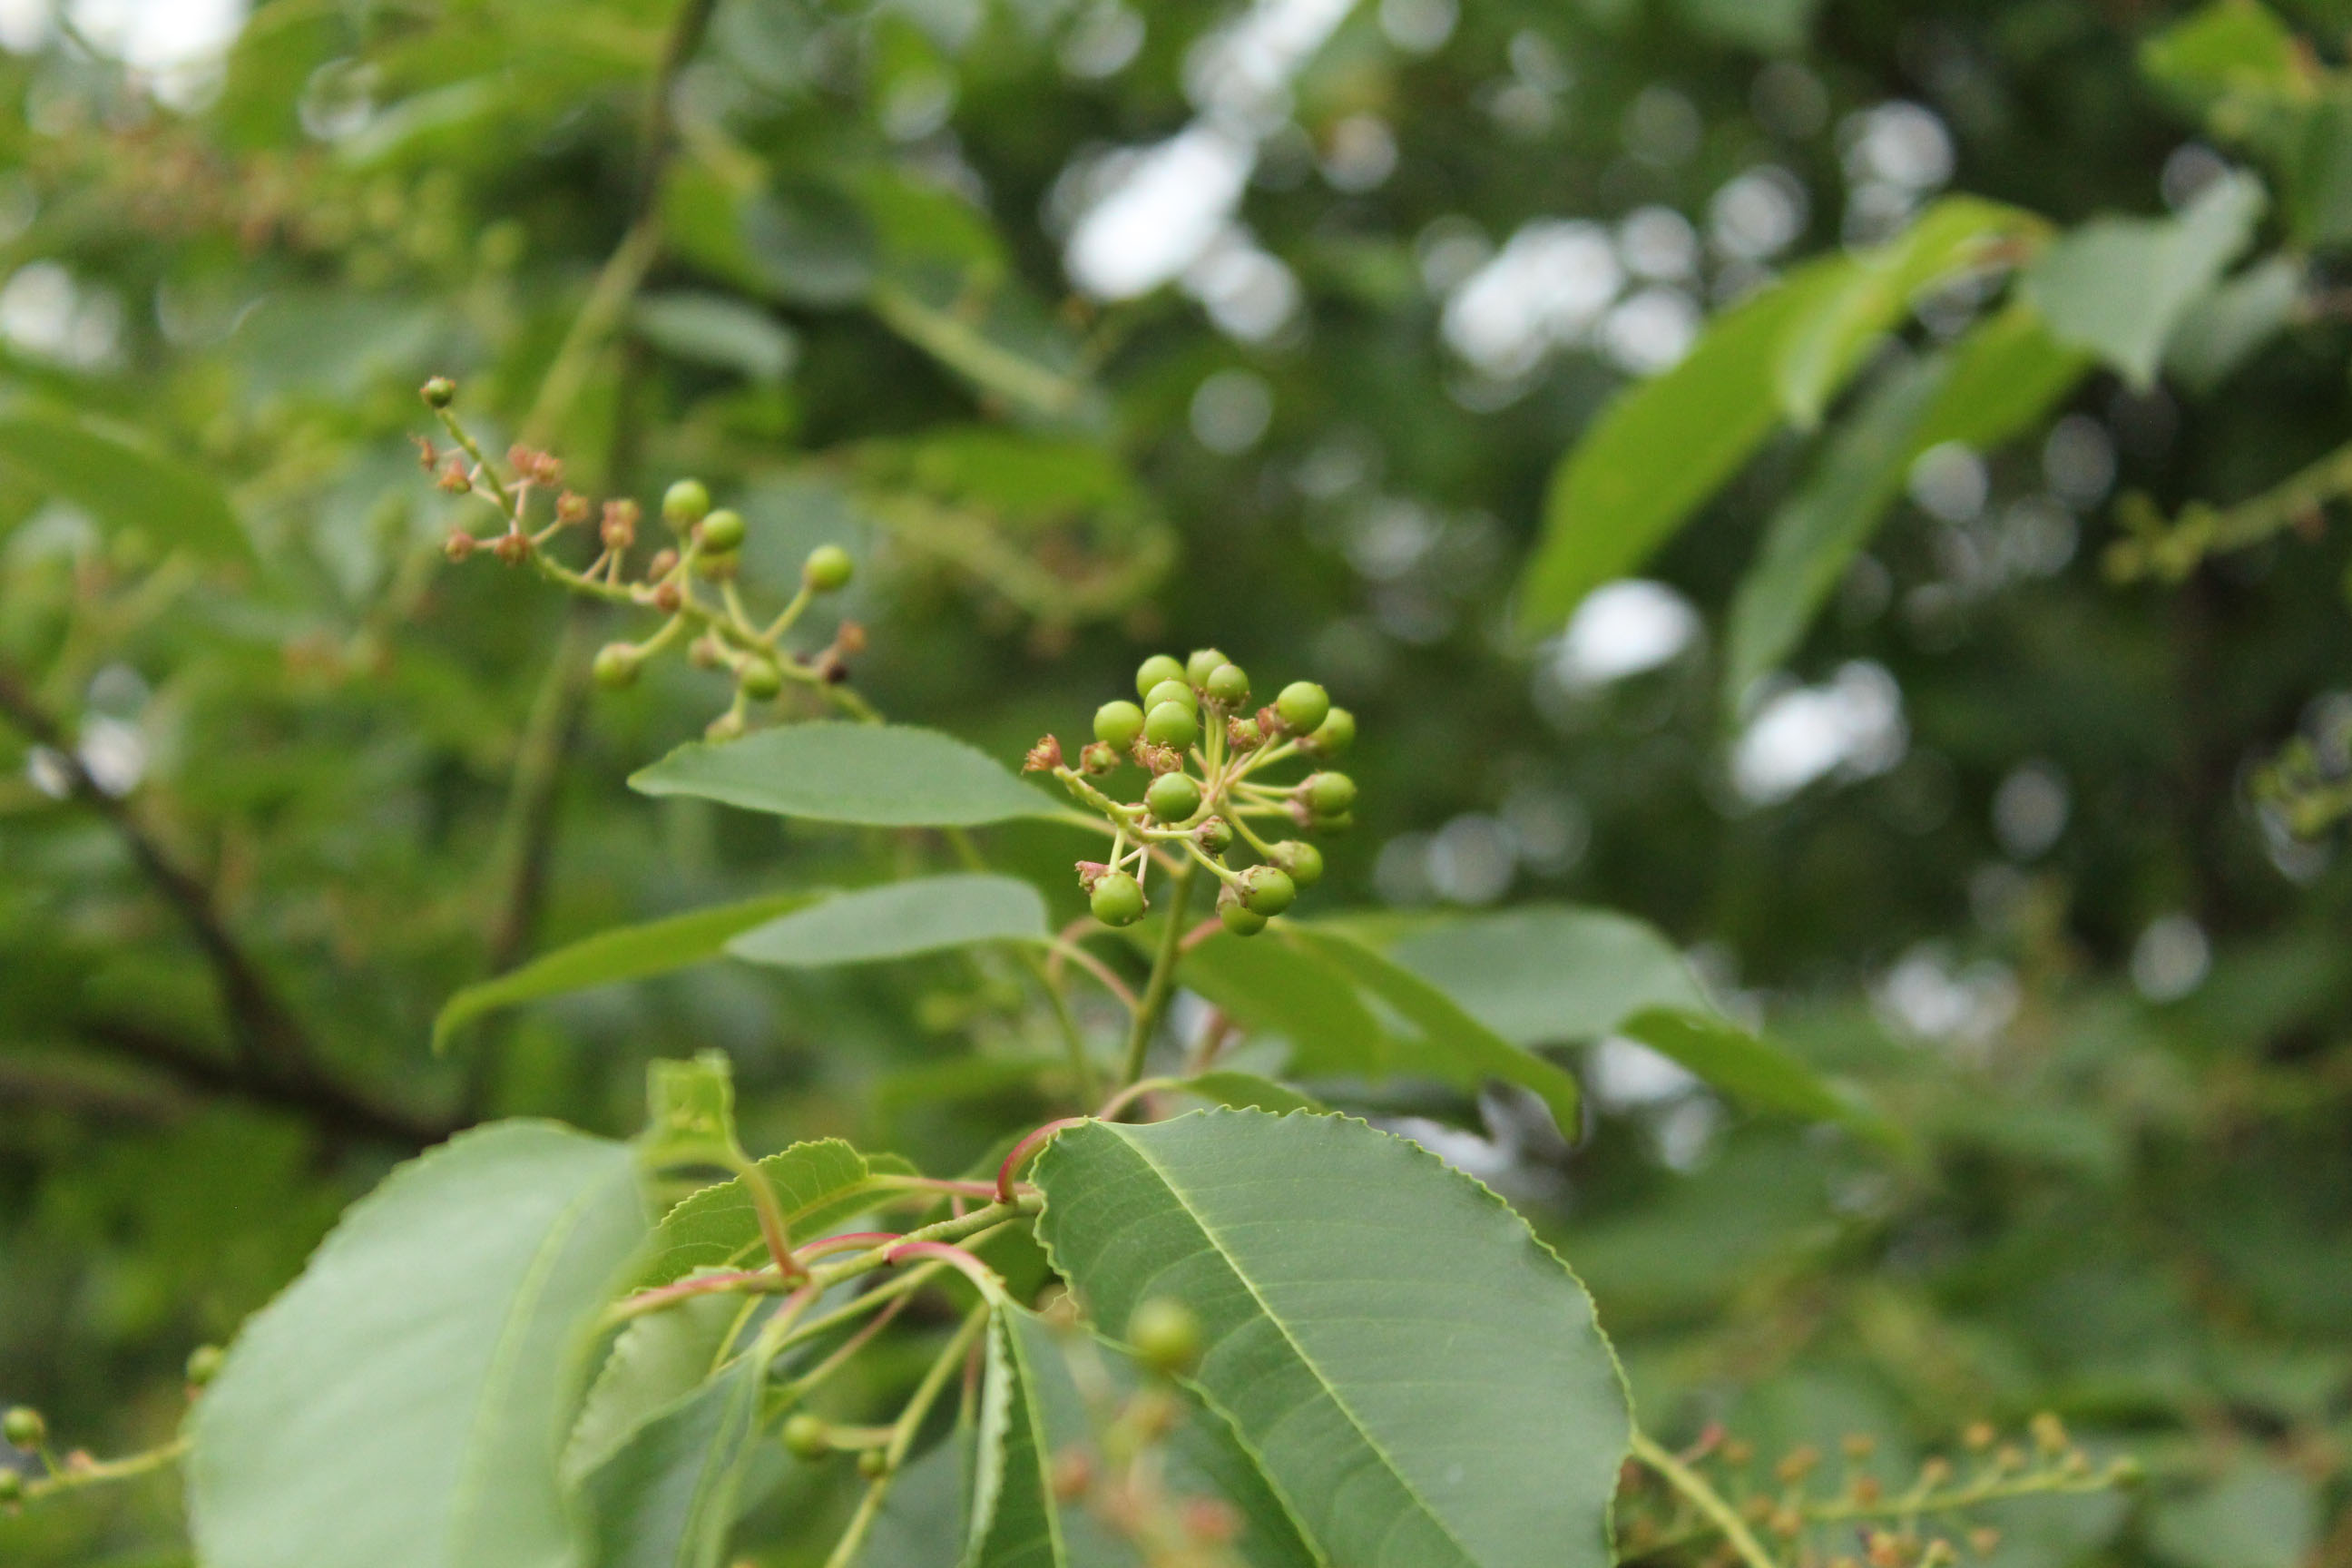 Wild Black Cherry tree